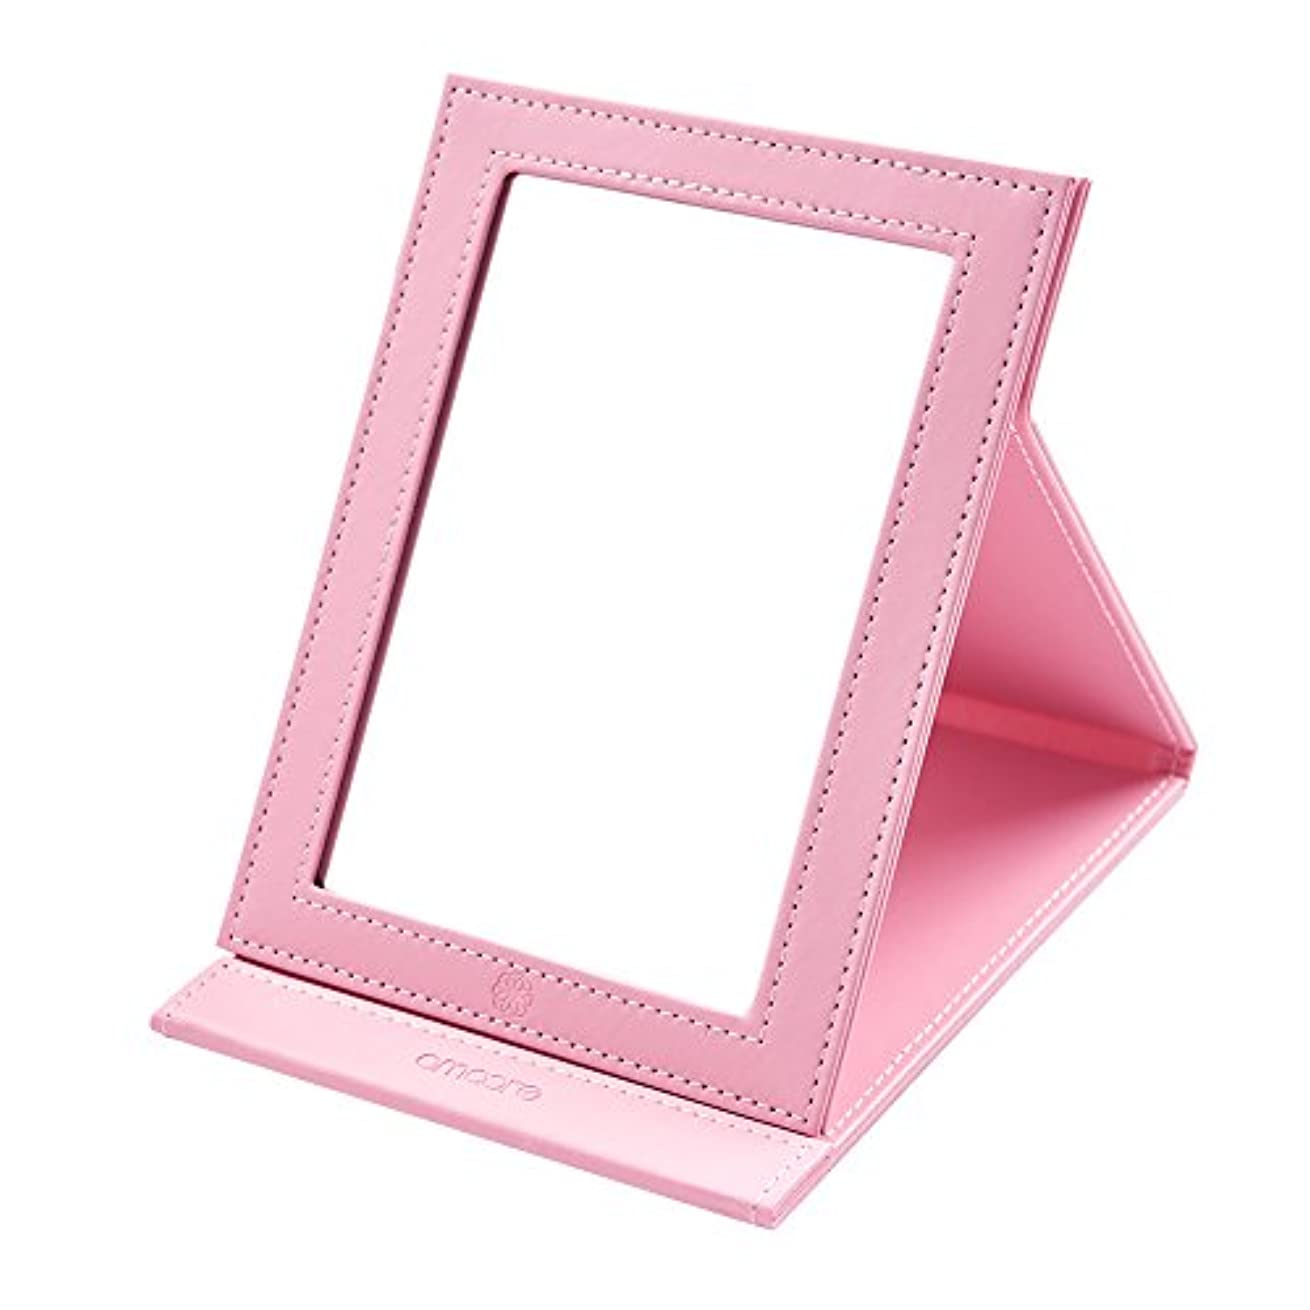 脅迫孤児ジョージハンブリーamoore 化粧鏡 卓上スタンドミラー 折りたたみミラー 角度調整 上質PUレザー使用 (ビッグ, ピンク)